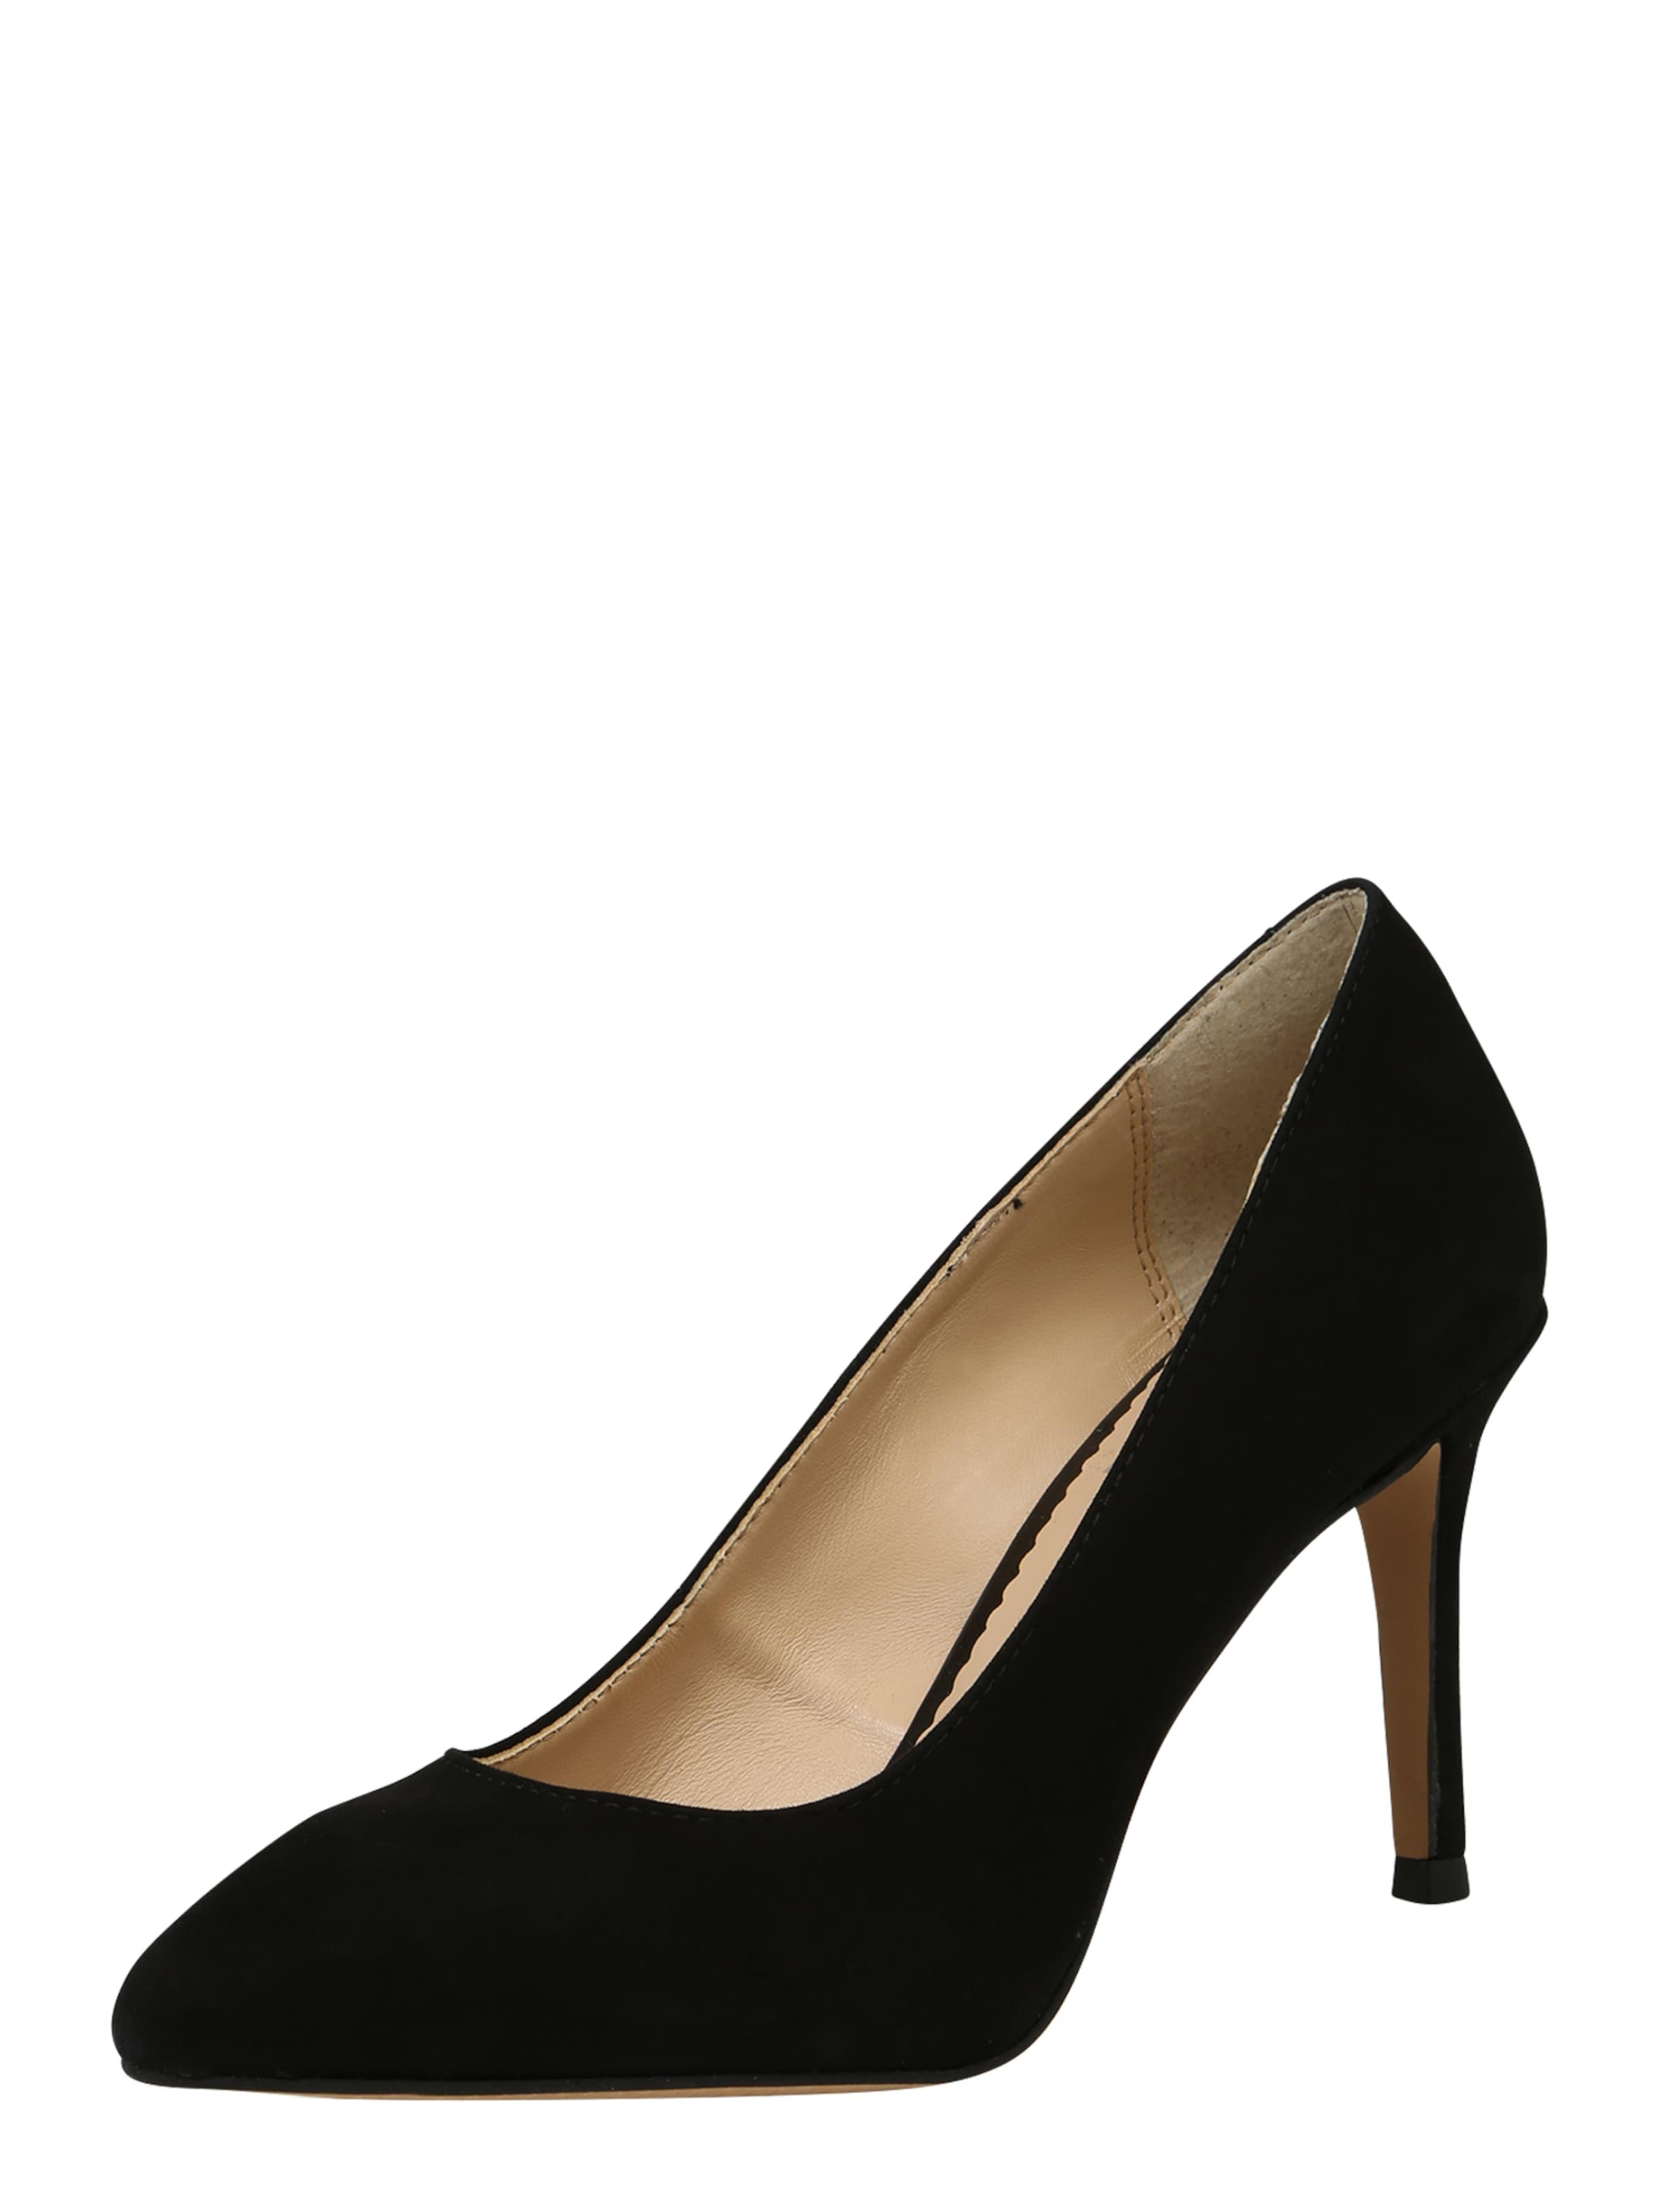 BULLBOXER Pumps Verschleißfeste billige Schuhe Hohe Qualität